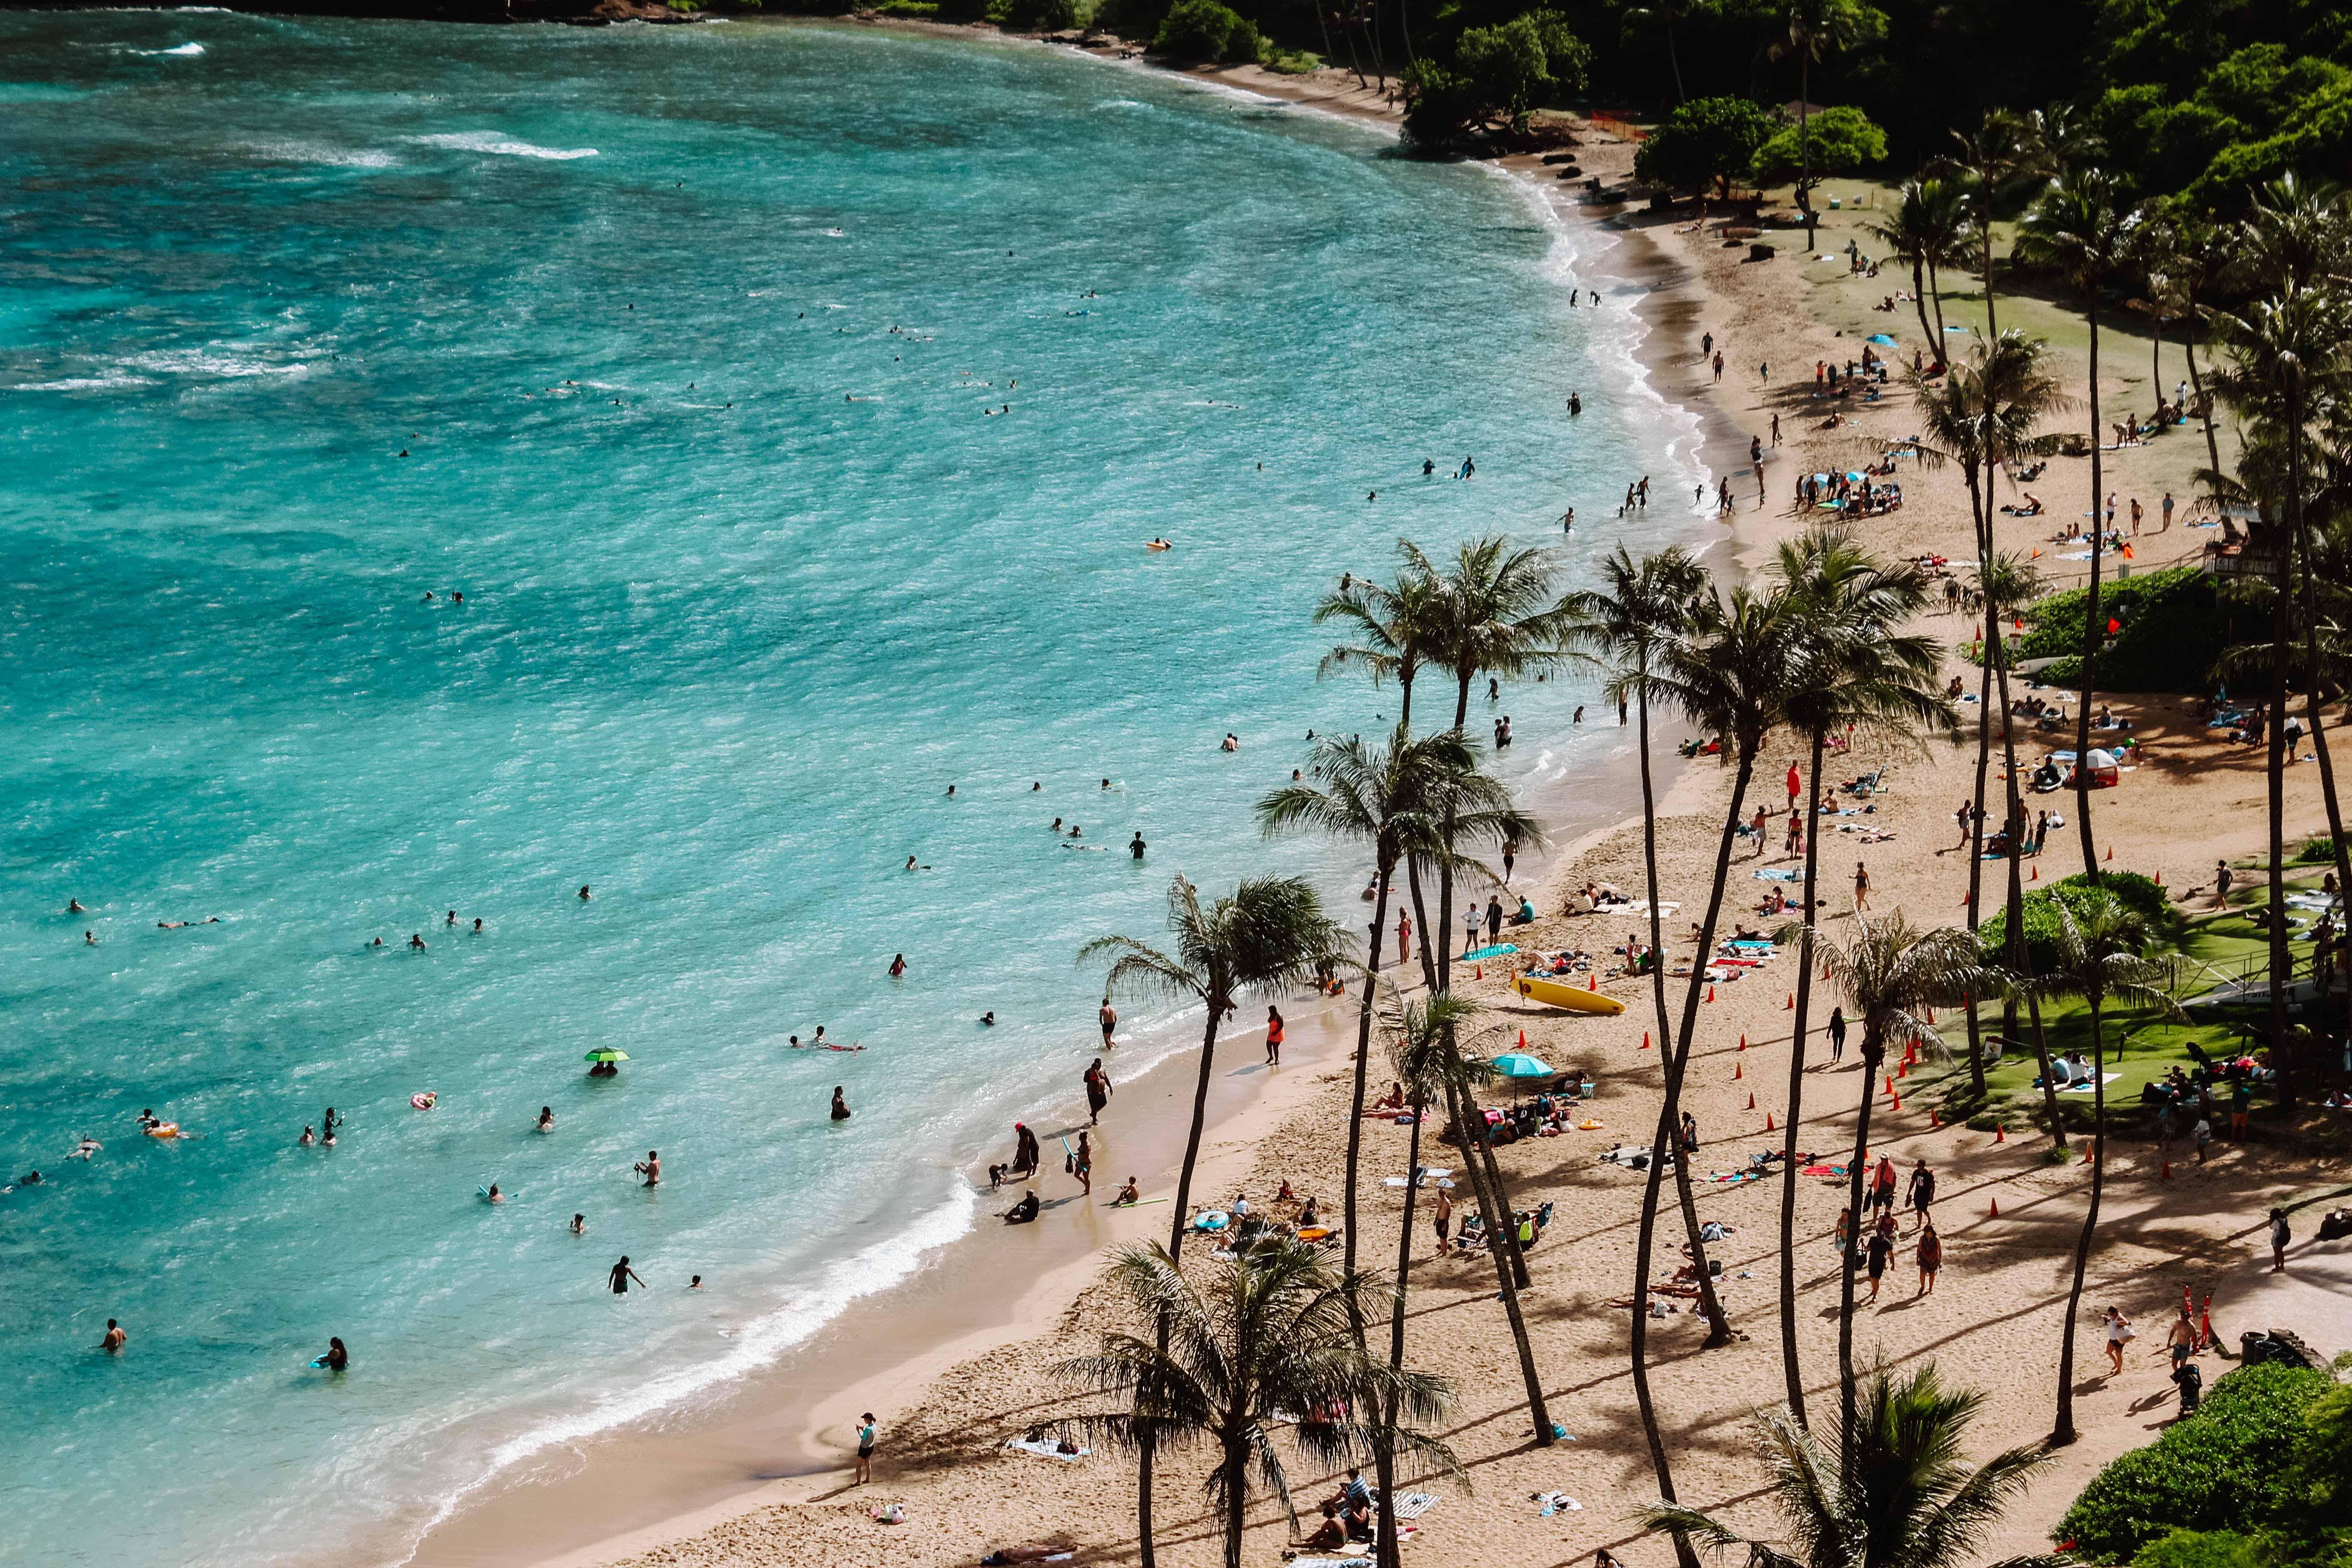 voyage d exception sur la plage honolulu hawaii